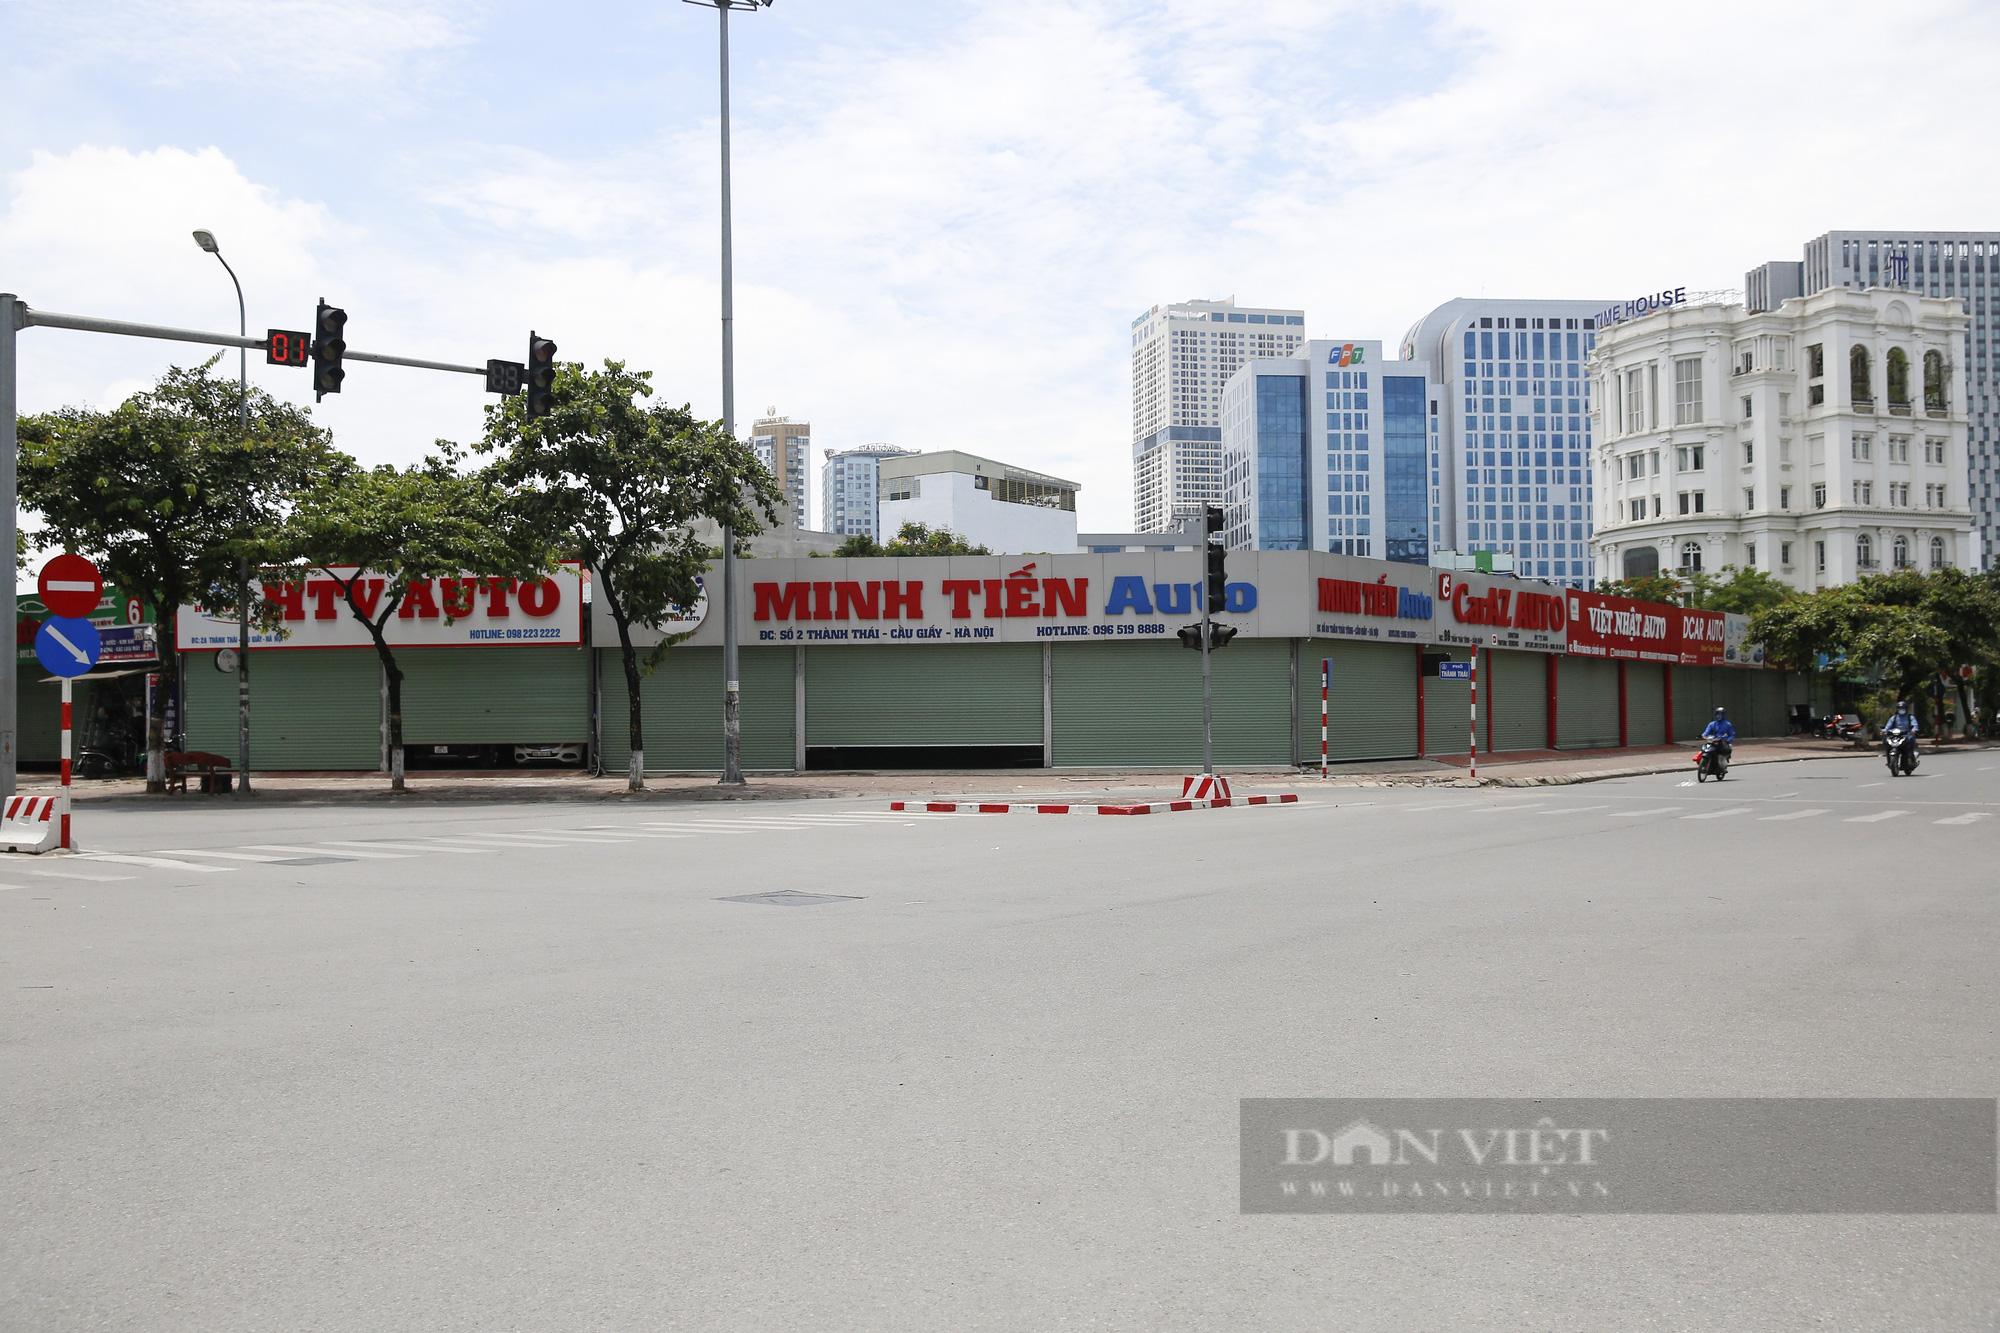 Hàng loạt showroom ô tô tại Hà Nội 'cửa đóng then cài' vì dịch Covid-19 - Ảnh 1.